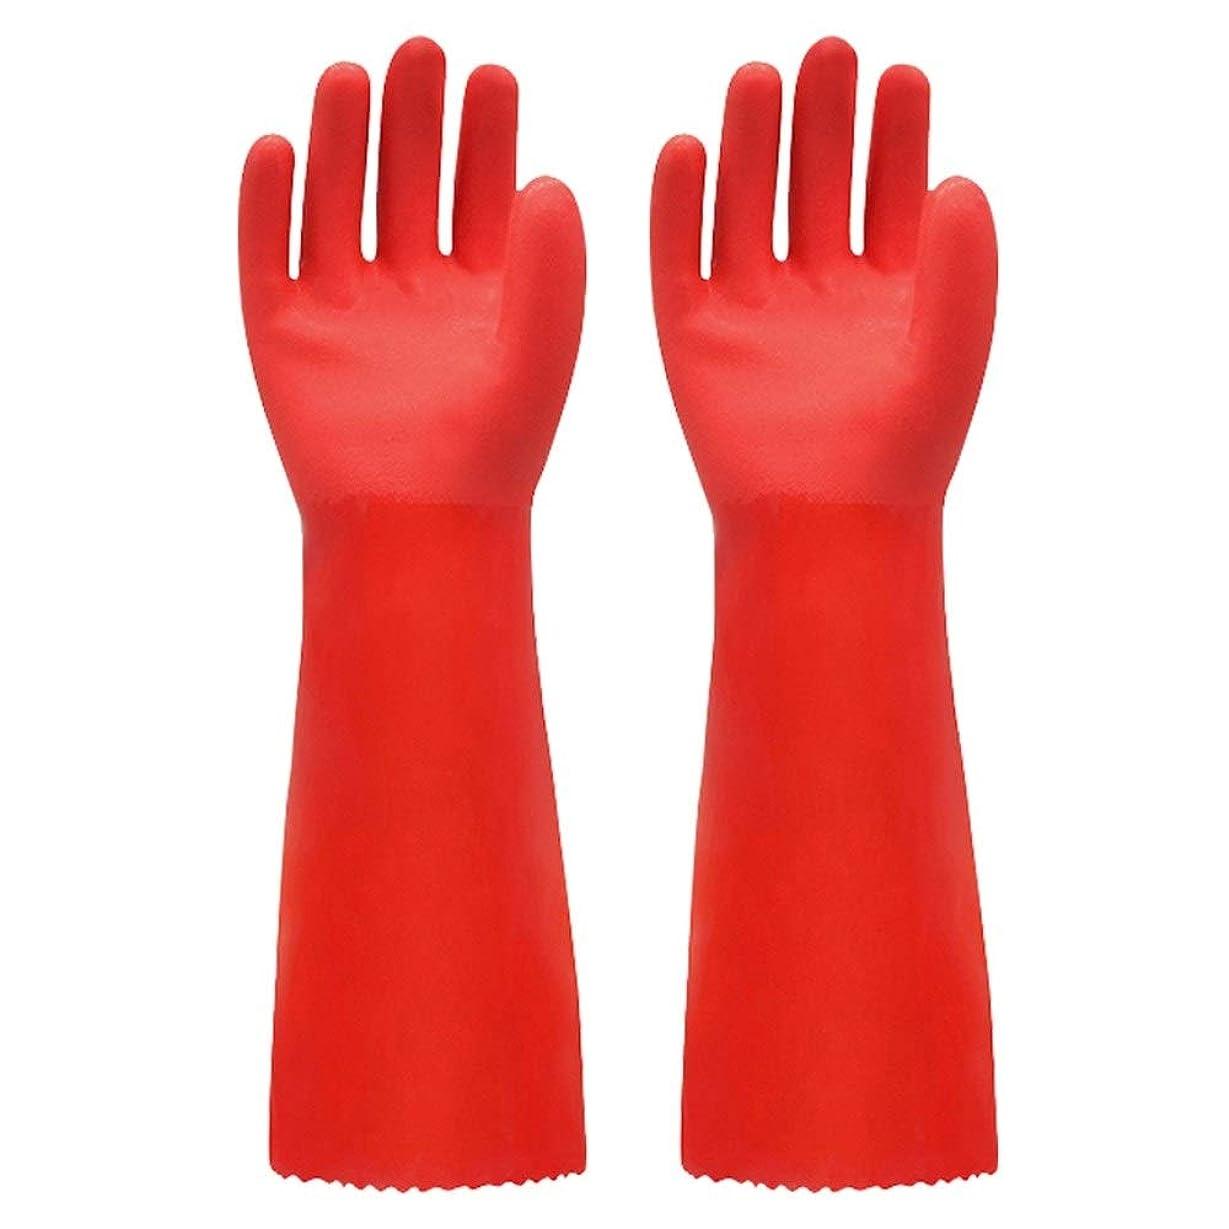 独立して全国火山学ニトリルゴム手袋 ゴム手袋長く暖かいとビロードのゴム製防水と耐久性のある手袋、1ペア 使い捨て手袋 (Color : RED, Size : L)